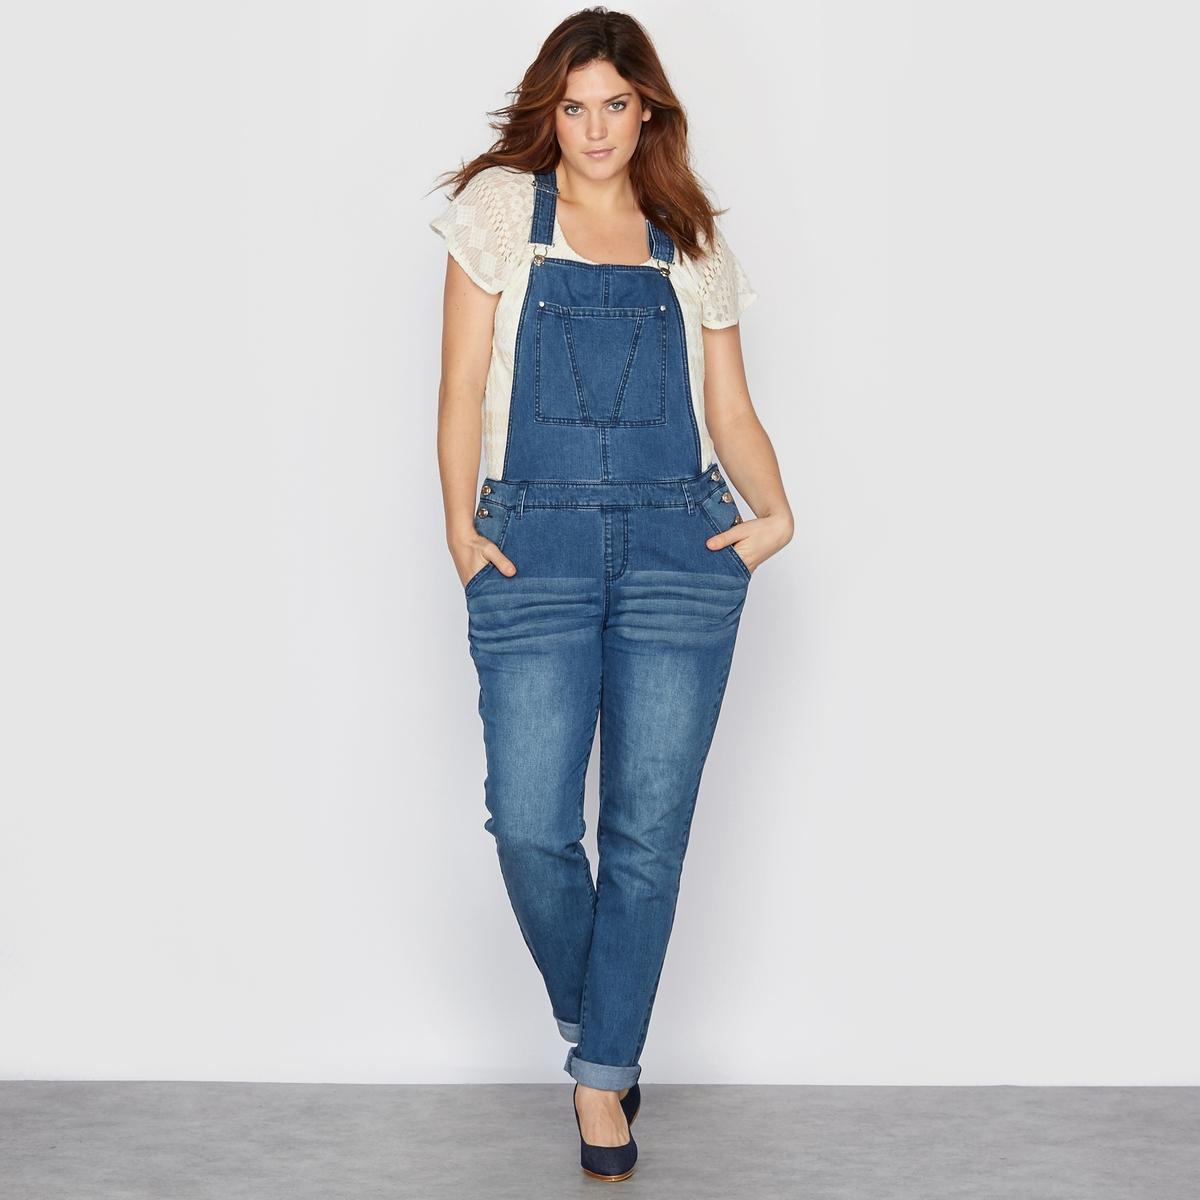 Комбинезон из денимаКомбинезон из денима. В этом сезоне джинсовый комбинезон снова на пике моды! Спереди манишка с большим накладным карманом. 5 карманов. Регулируемые бретели. Застежка на пуговицы сбоку. Пояс со шлевками. 98% хлопок, 2% эластана. Длина по внутреннему шву 78 см., ширина по низу 17 см.<br><br>Цвет: синий потертый<br>Размер: 42 (FR) - 48 (RUS).44 (FR) - 50 (RUS).50 (FR) - 56 (RUS).52 (FR) - 58 (RUS).54 (FR) - 60 (RUS).56 (FR) - 62 (RUS)